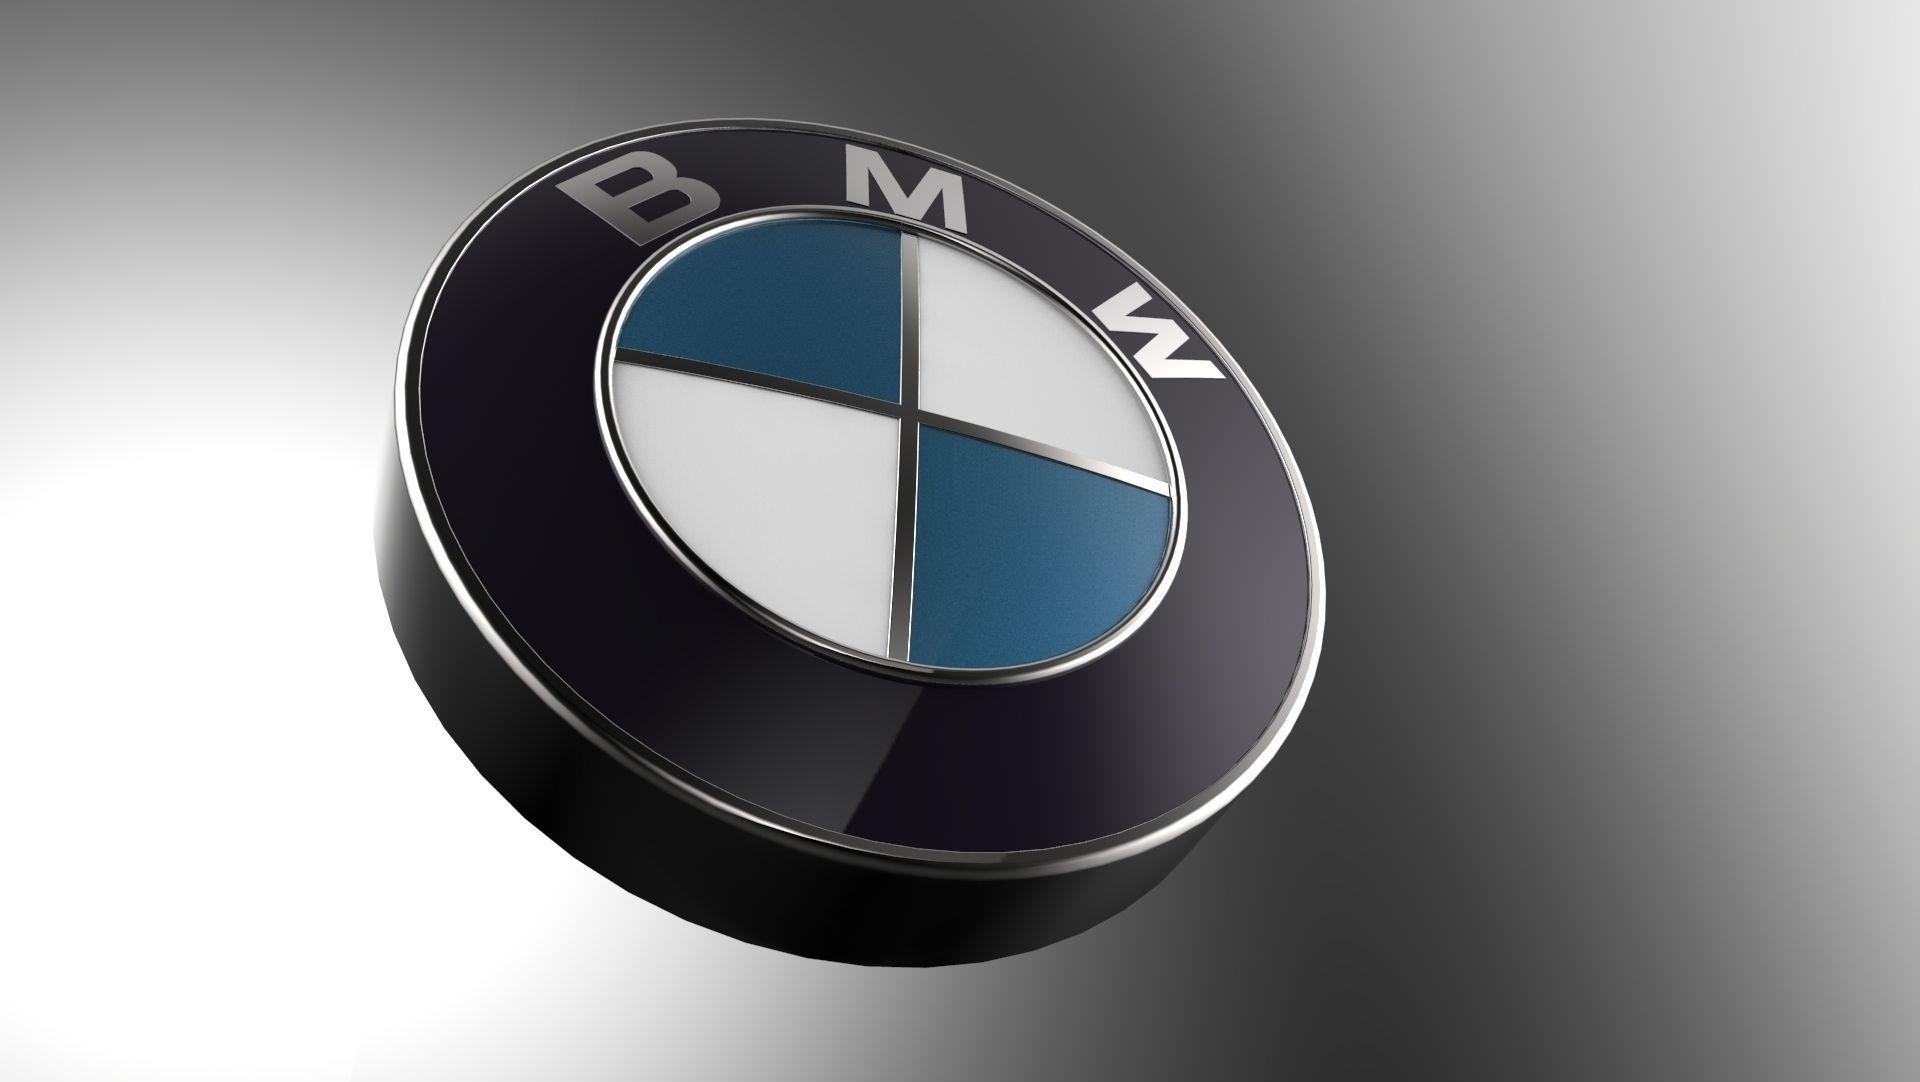 Bmw Logo 3d Modelnot Decal 3d Model Obj Stl Sldprt Sldasm